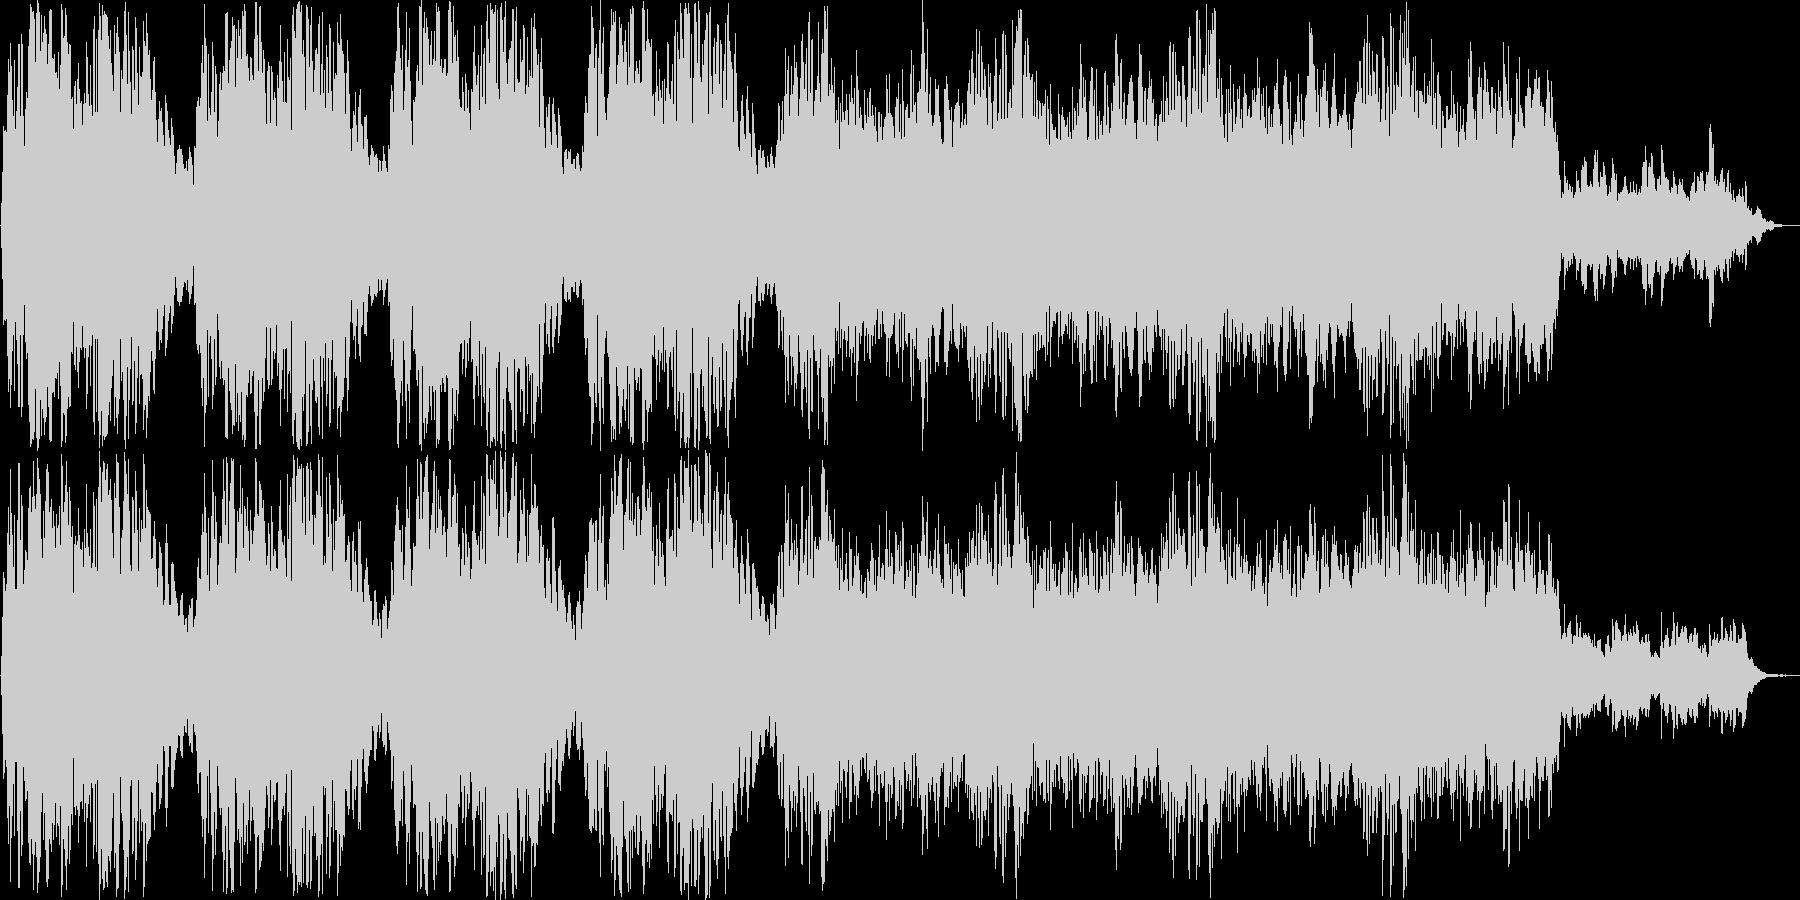 ファンタジーなシンセサイザー曲の未再生の波形